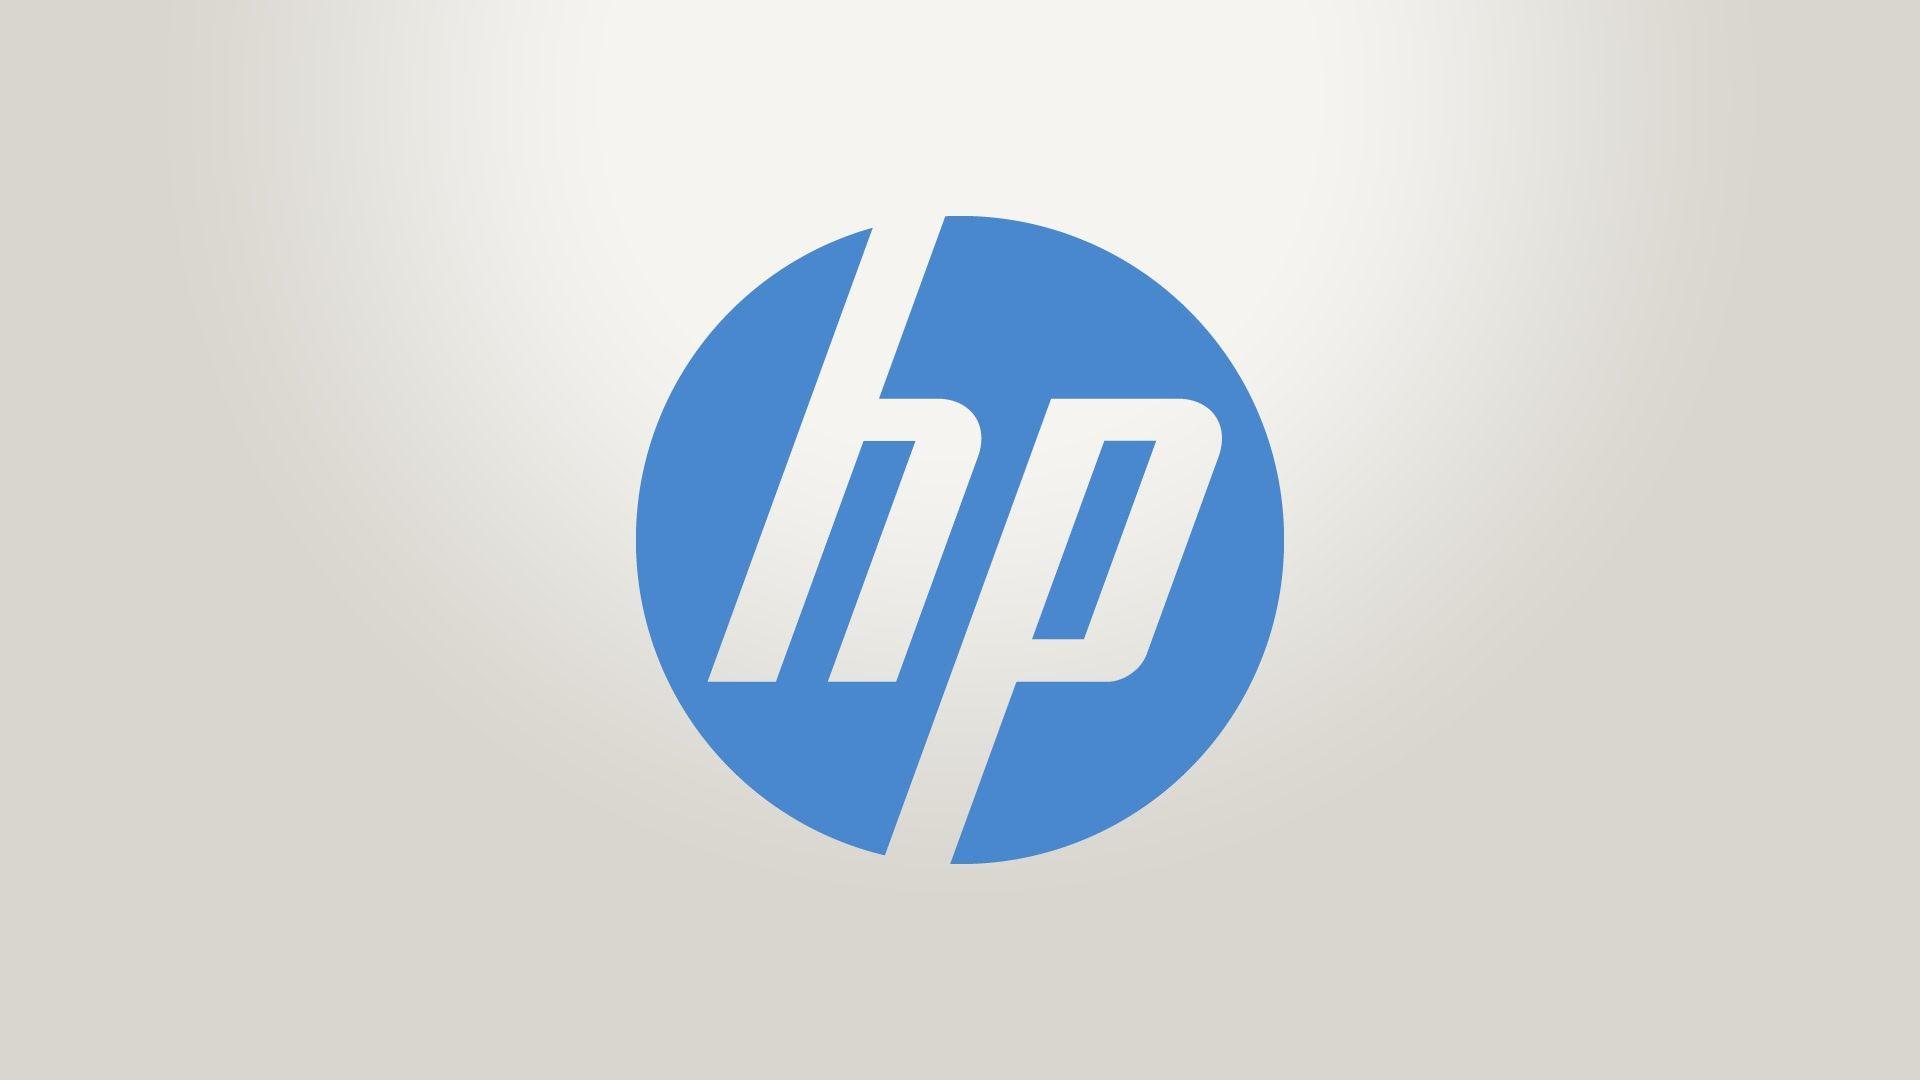 Hewlett Packard Wallpapers   Top Free Hewlett Packard Backgrounds ...